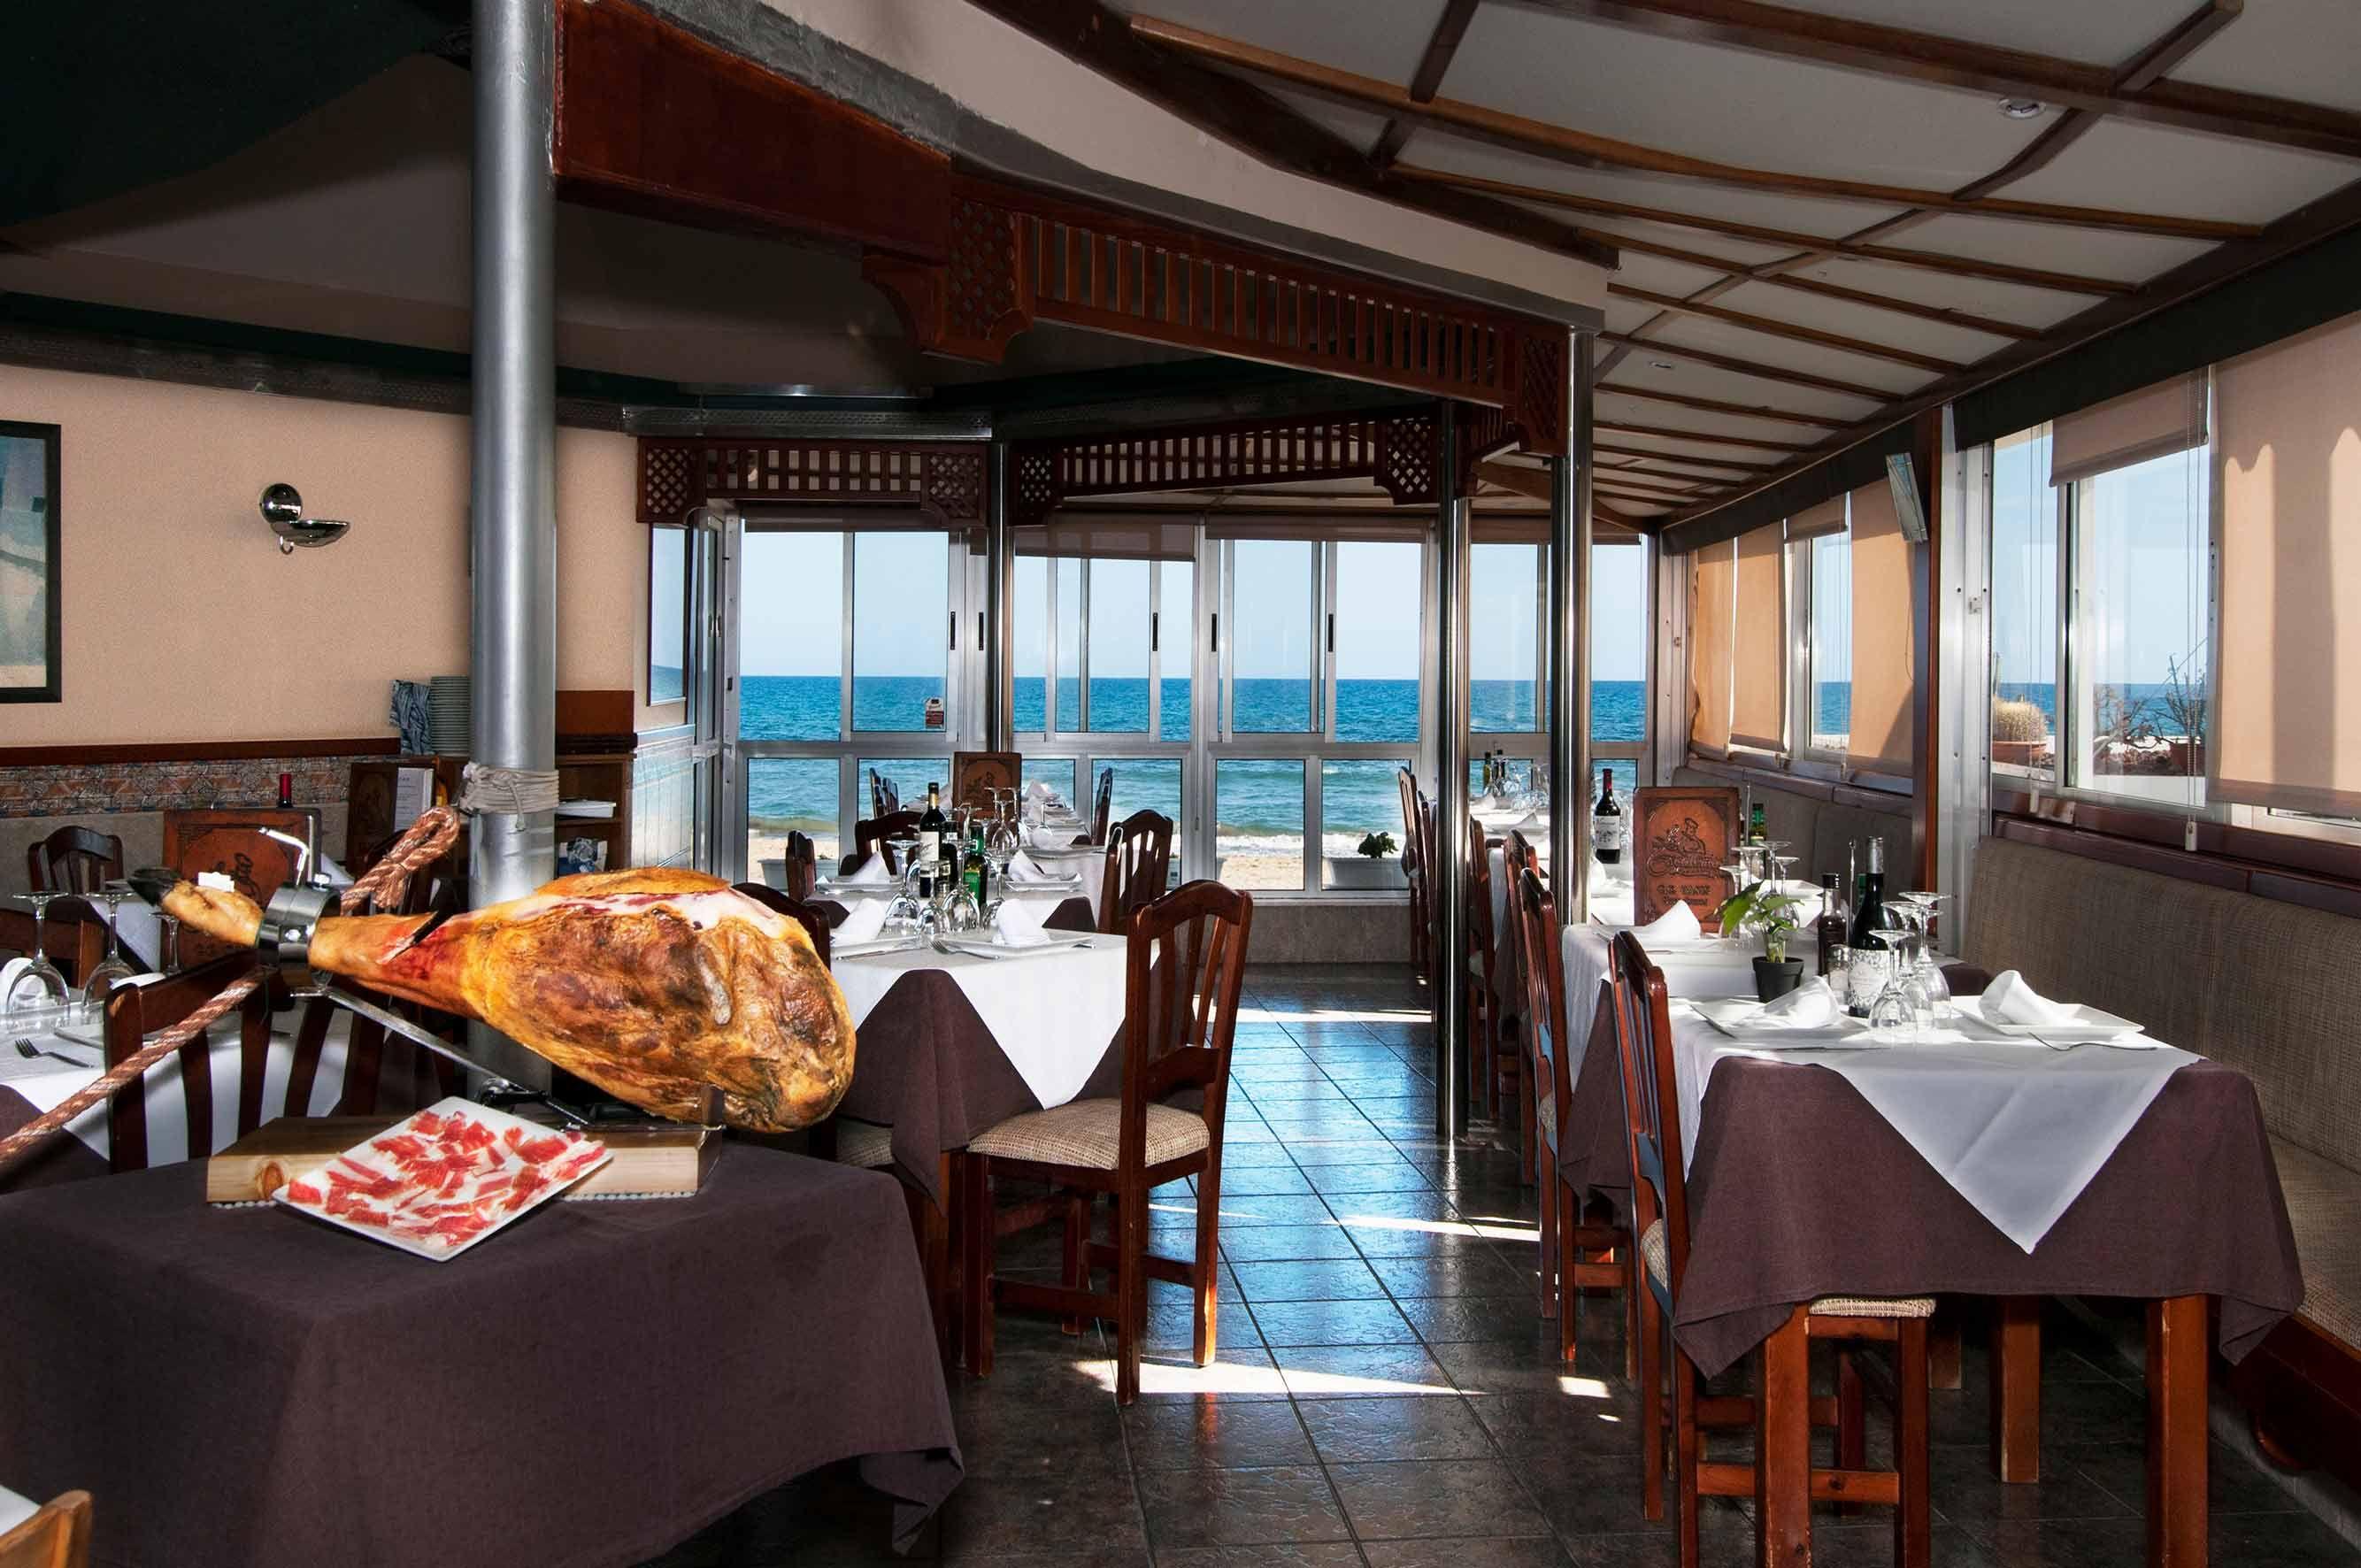 Foto 6 de Cocina internacional en Maspalomas | Restaurante Escaleritas